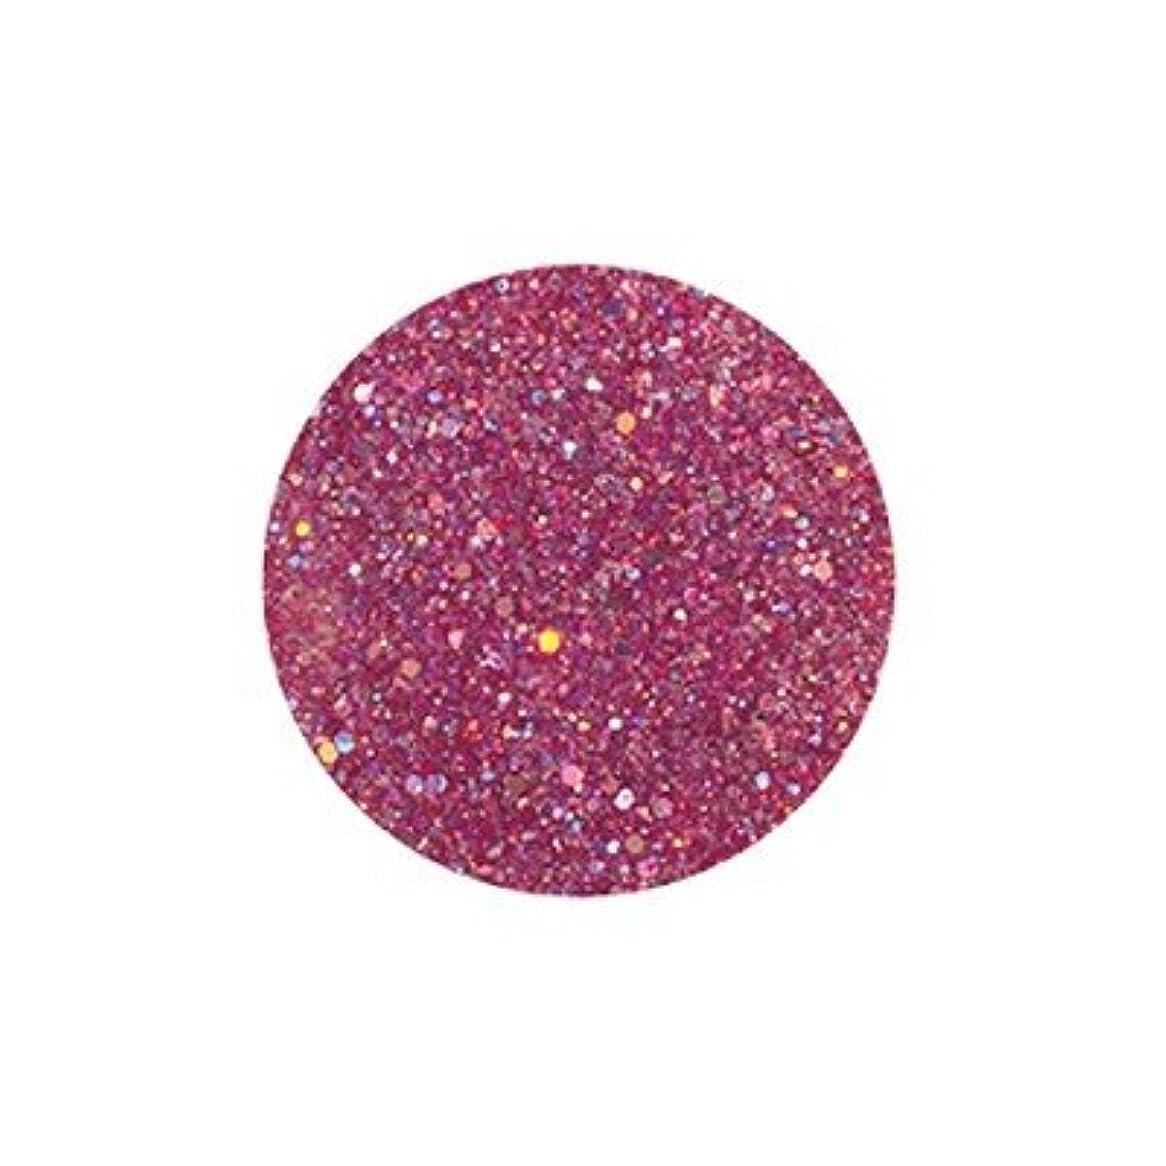 天井深遠リンスFANTASY NAIL ダイヤモンドコレクション 3g 4259XS カラーパウダー アート材